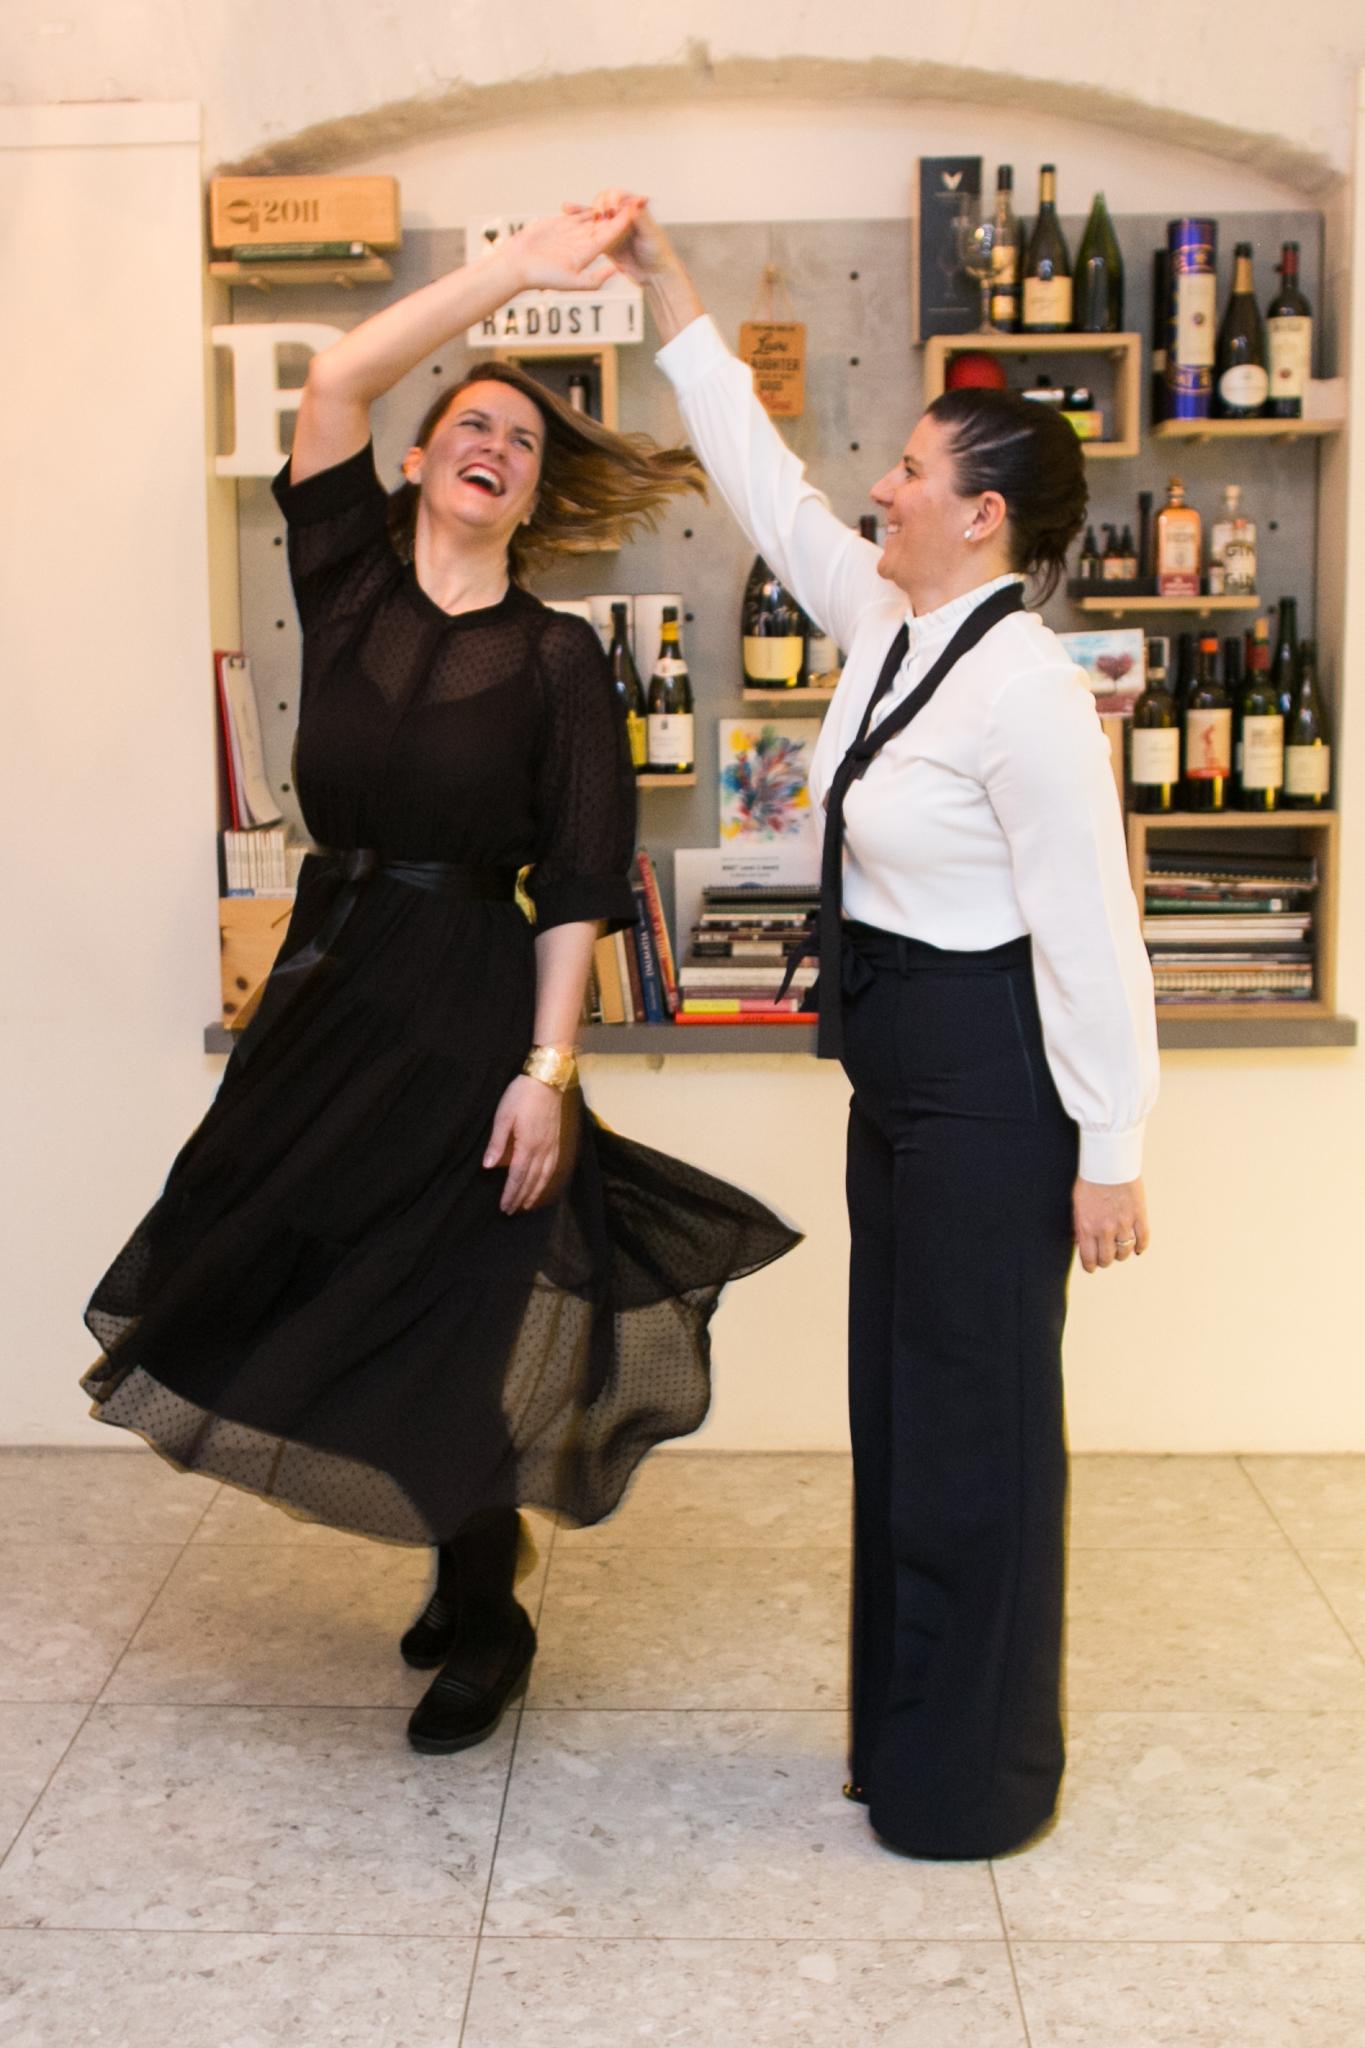 vino i ples